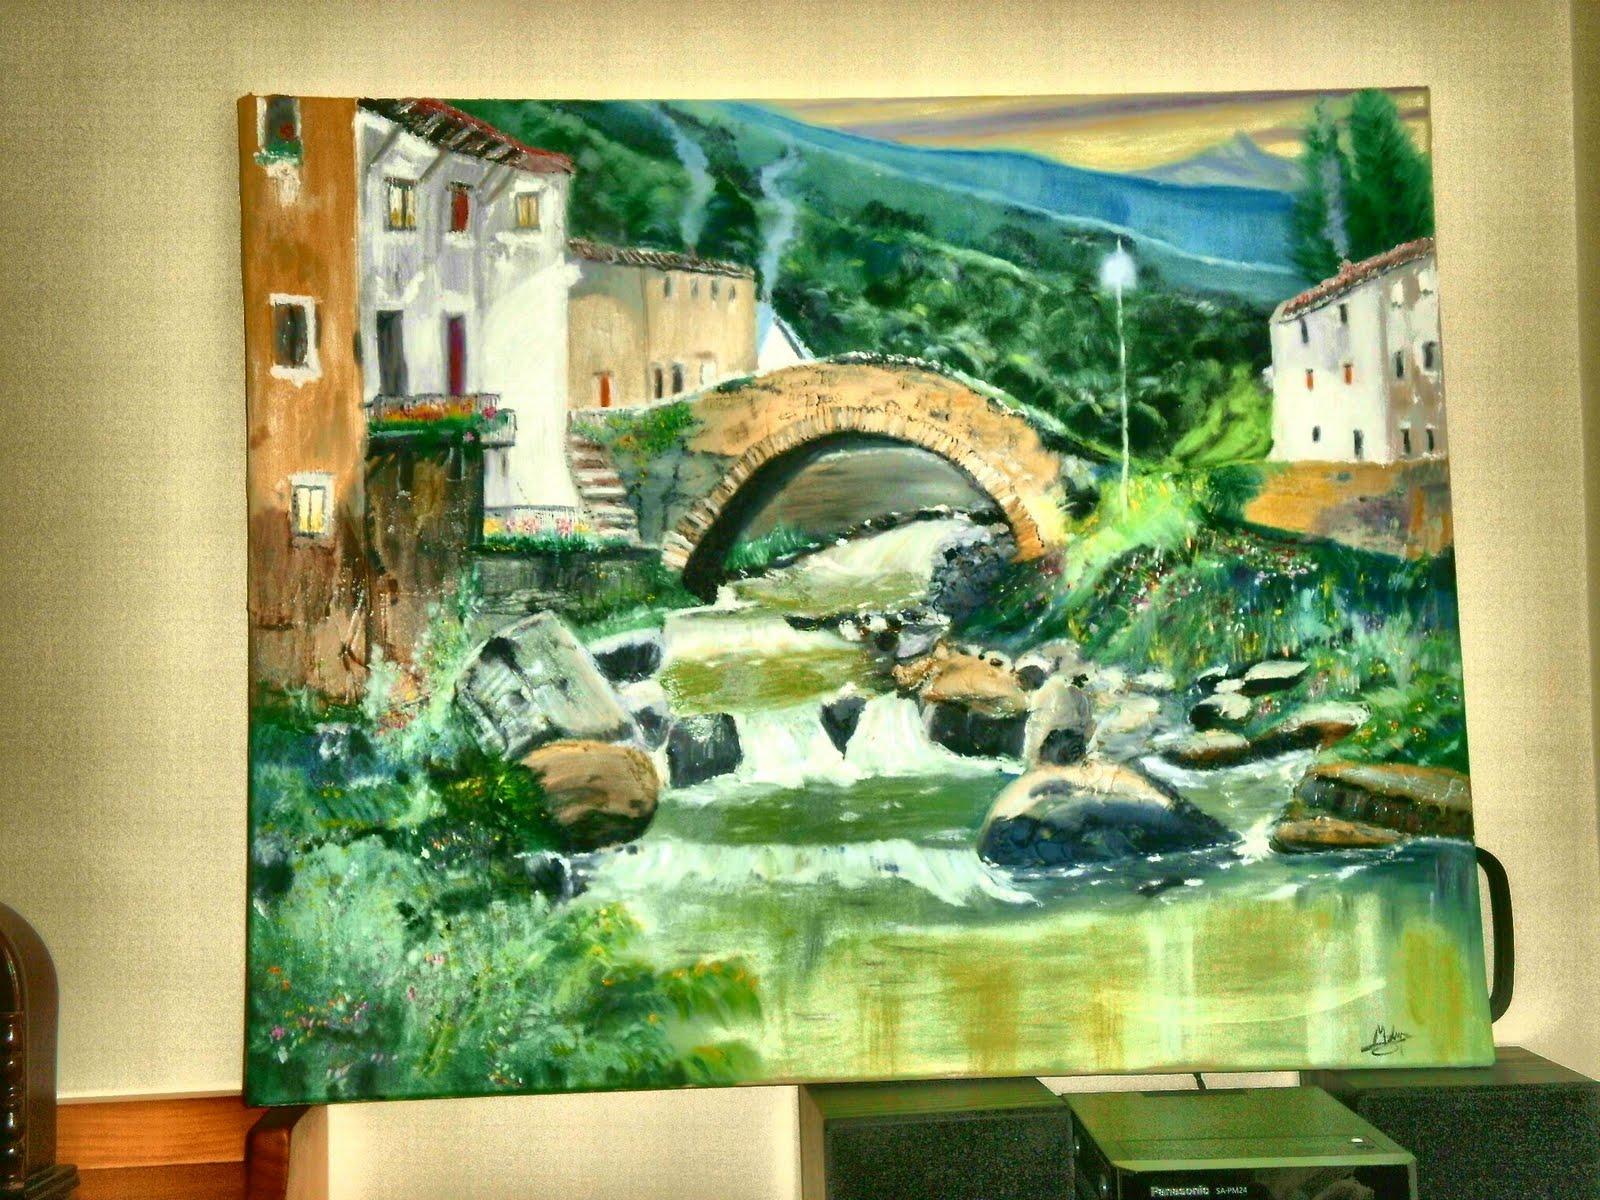 Un trabajo relajante lienzo paisaje sin enmarcar - Enmarcar lienzo ...